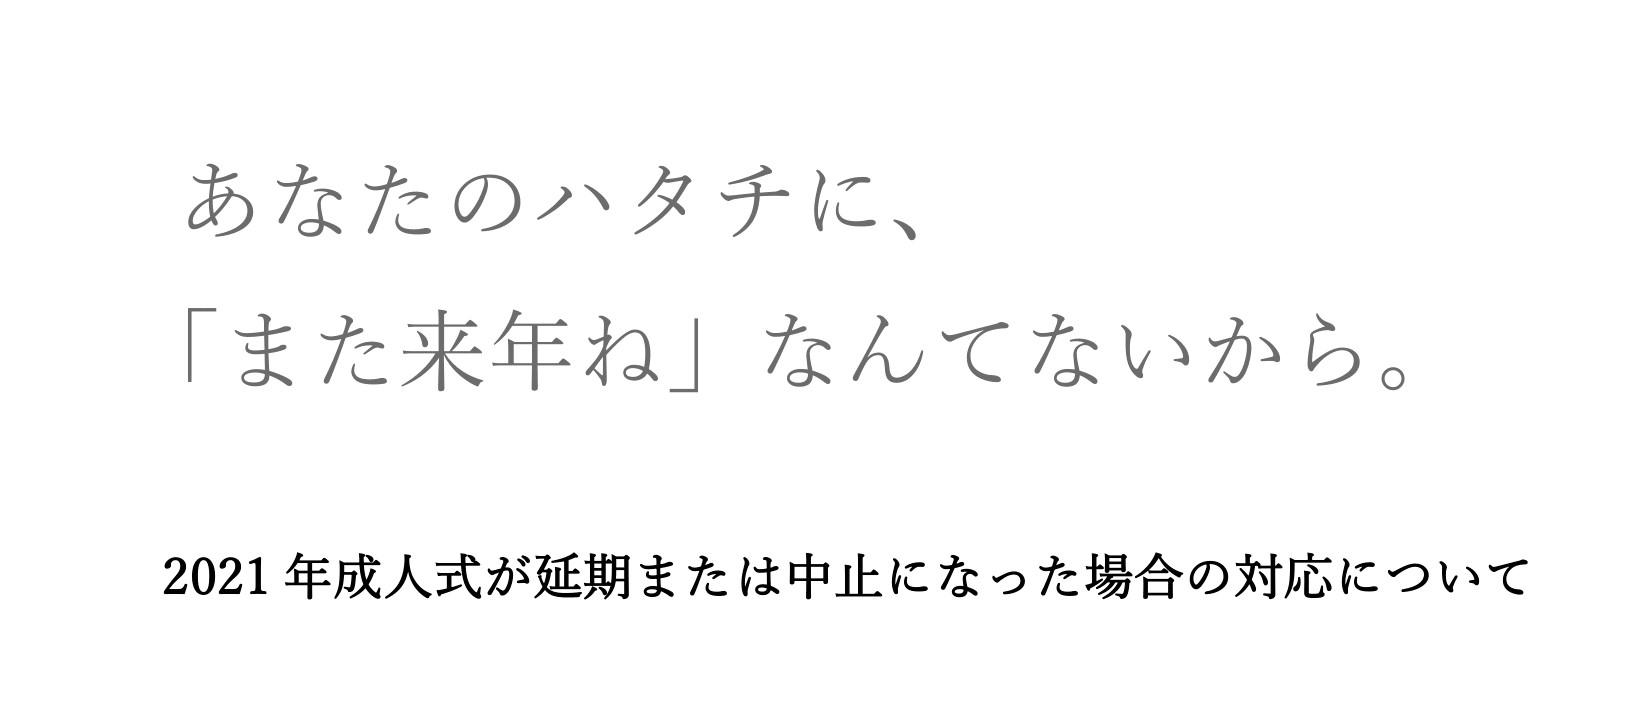 成人式が中止になっても二十歳で着物に触れてほしい」京都きもの友禅 ...